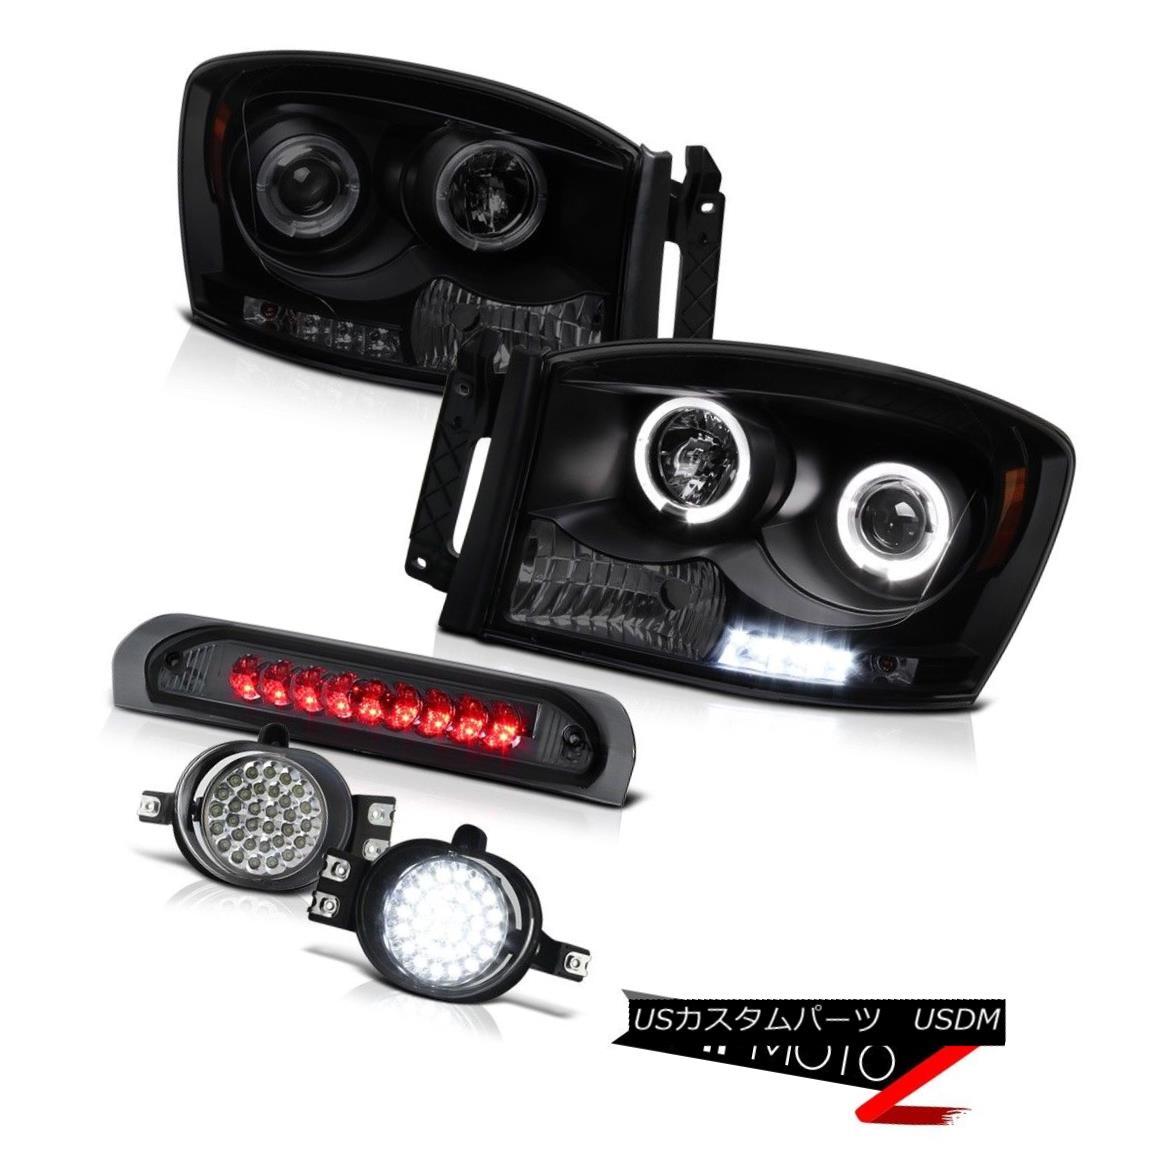 ヘッドライト 2006 Dodge Ram 4x4 Projector Front Halo LED Headlights Third Brake Tail Lights 2006 Dodge Ram 4x4プロジェクターフロントハローLEDヘッドライト第3ブレーキテールライト